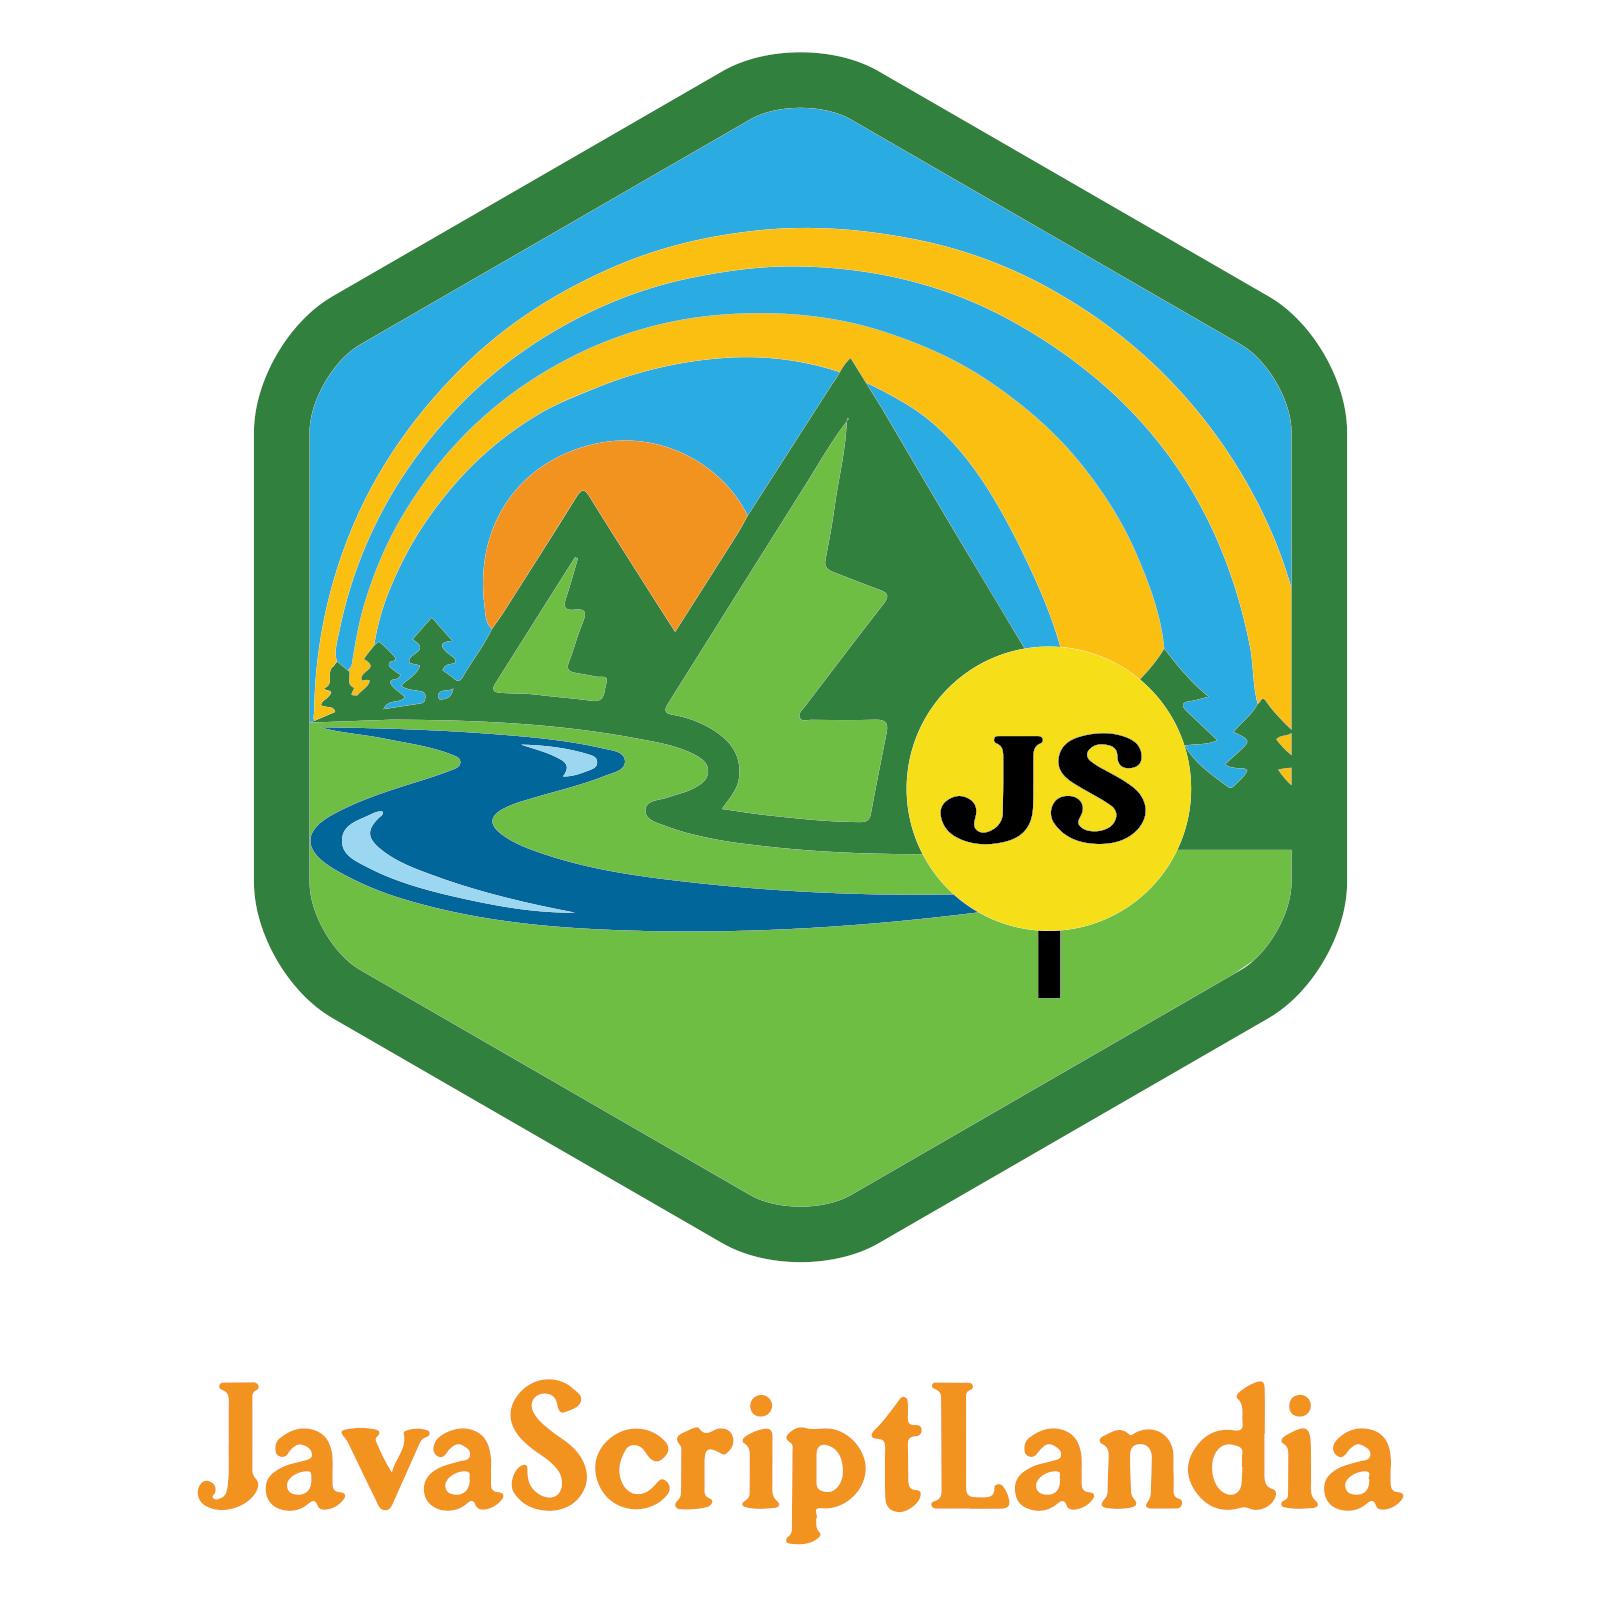 OpenJS Foundation: JavaScriptLandia